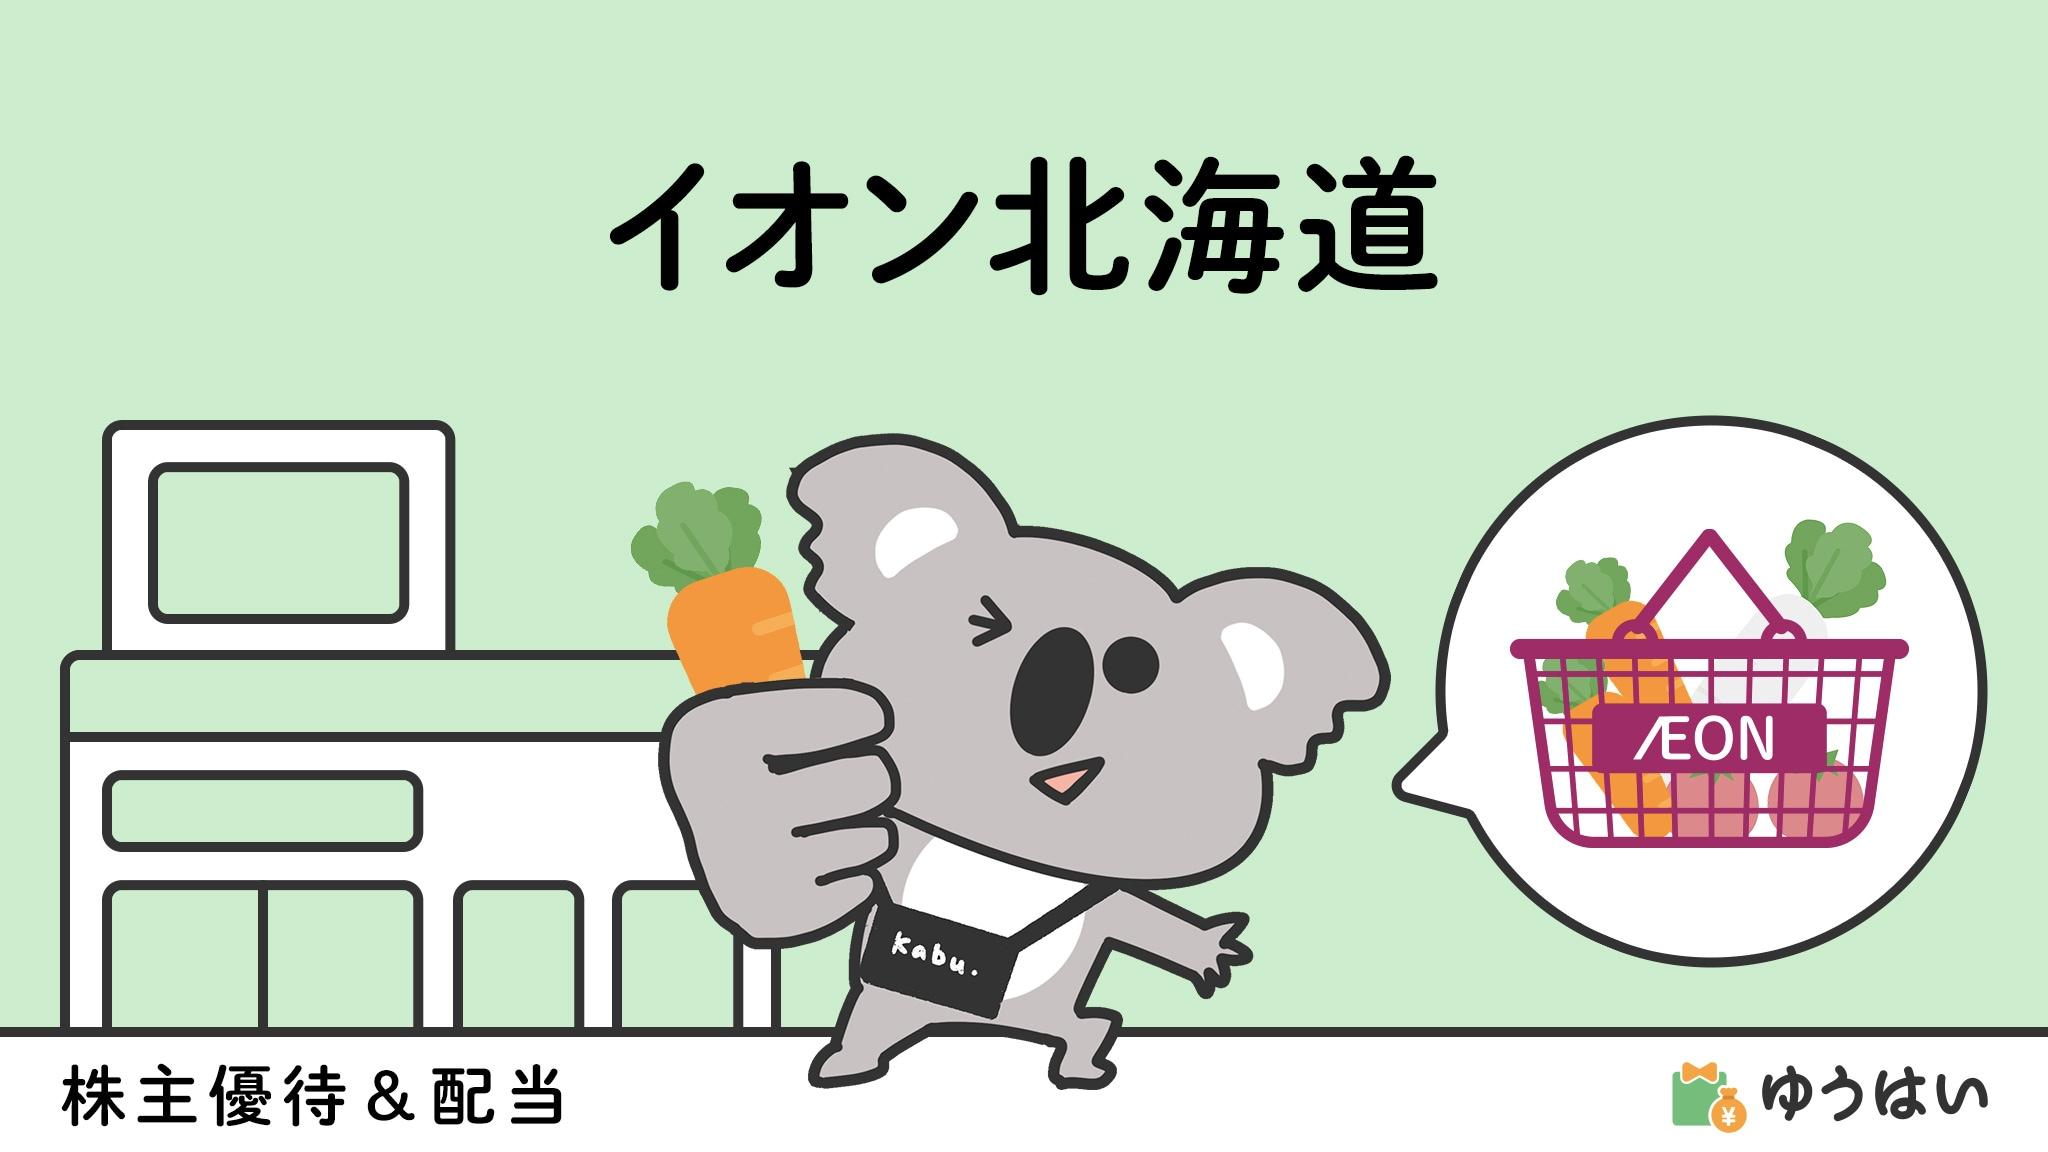 ゆうはい イオン北海道(7512)の株主優待と配当金